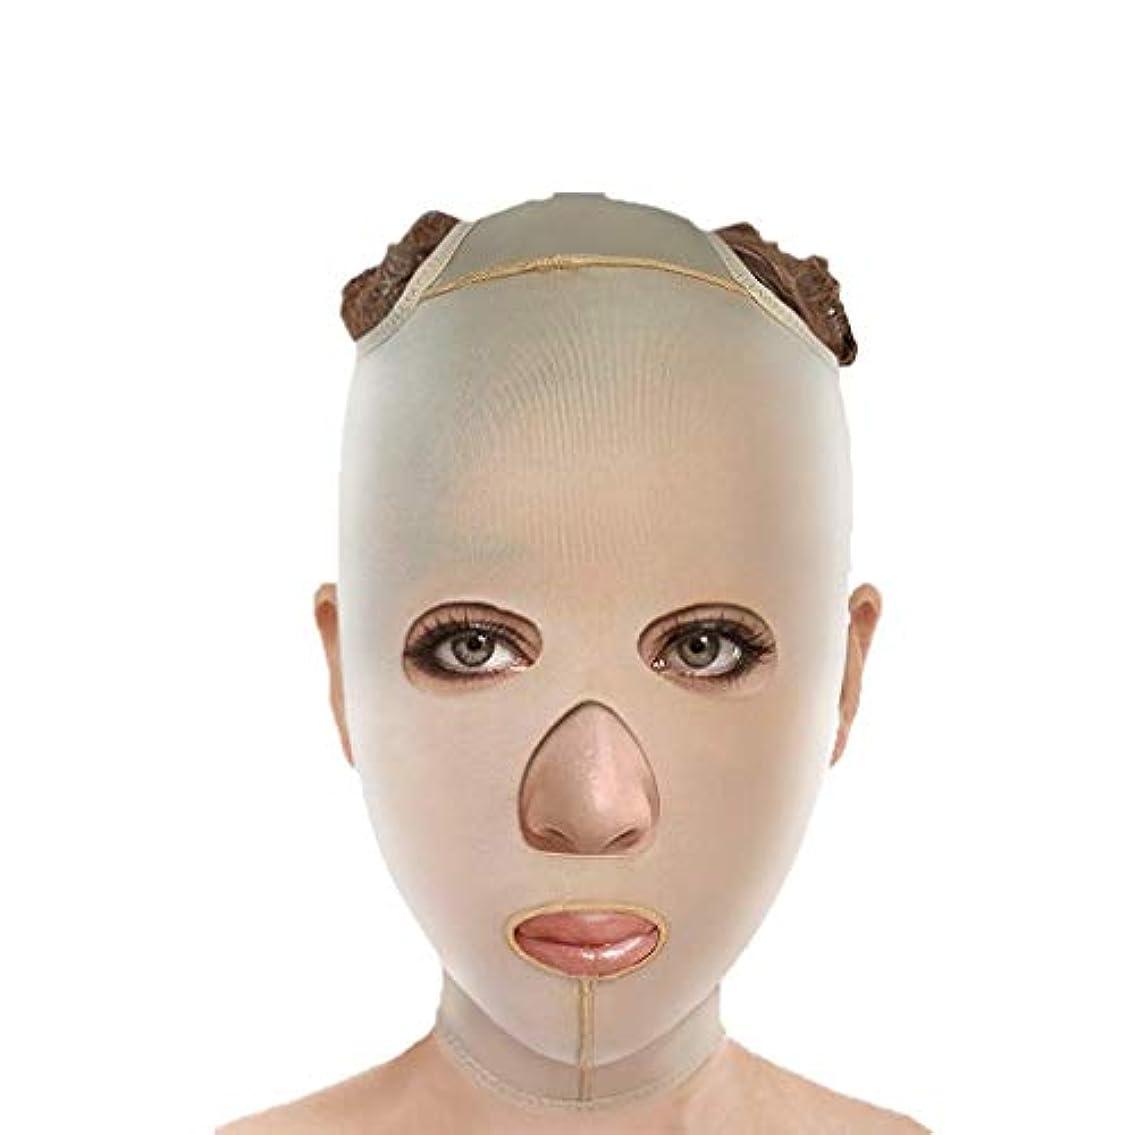 アーティファクトグローバルケーキチンストラップ、フェイスリフティング、アンチエイジングフェイシャル包帯、フェイシャル減量マスク、ファーミングマスク、フェイシャルリフティングアーティファクト(サイズ:S),M